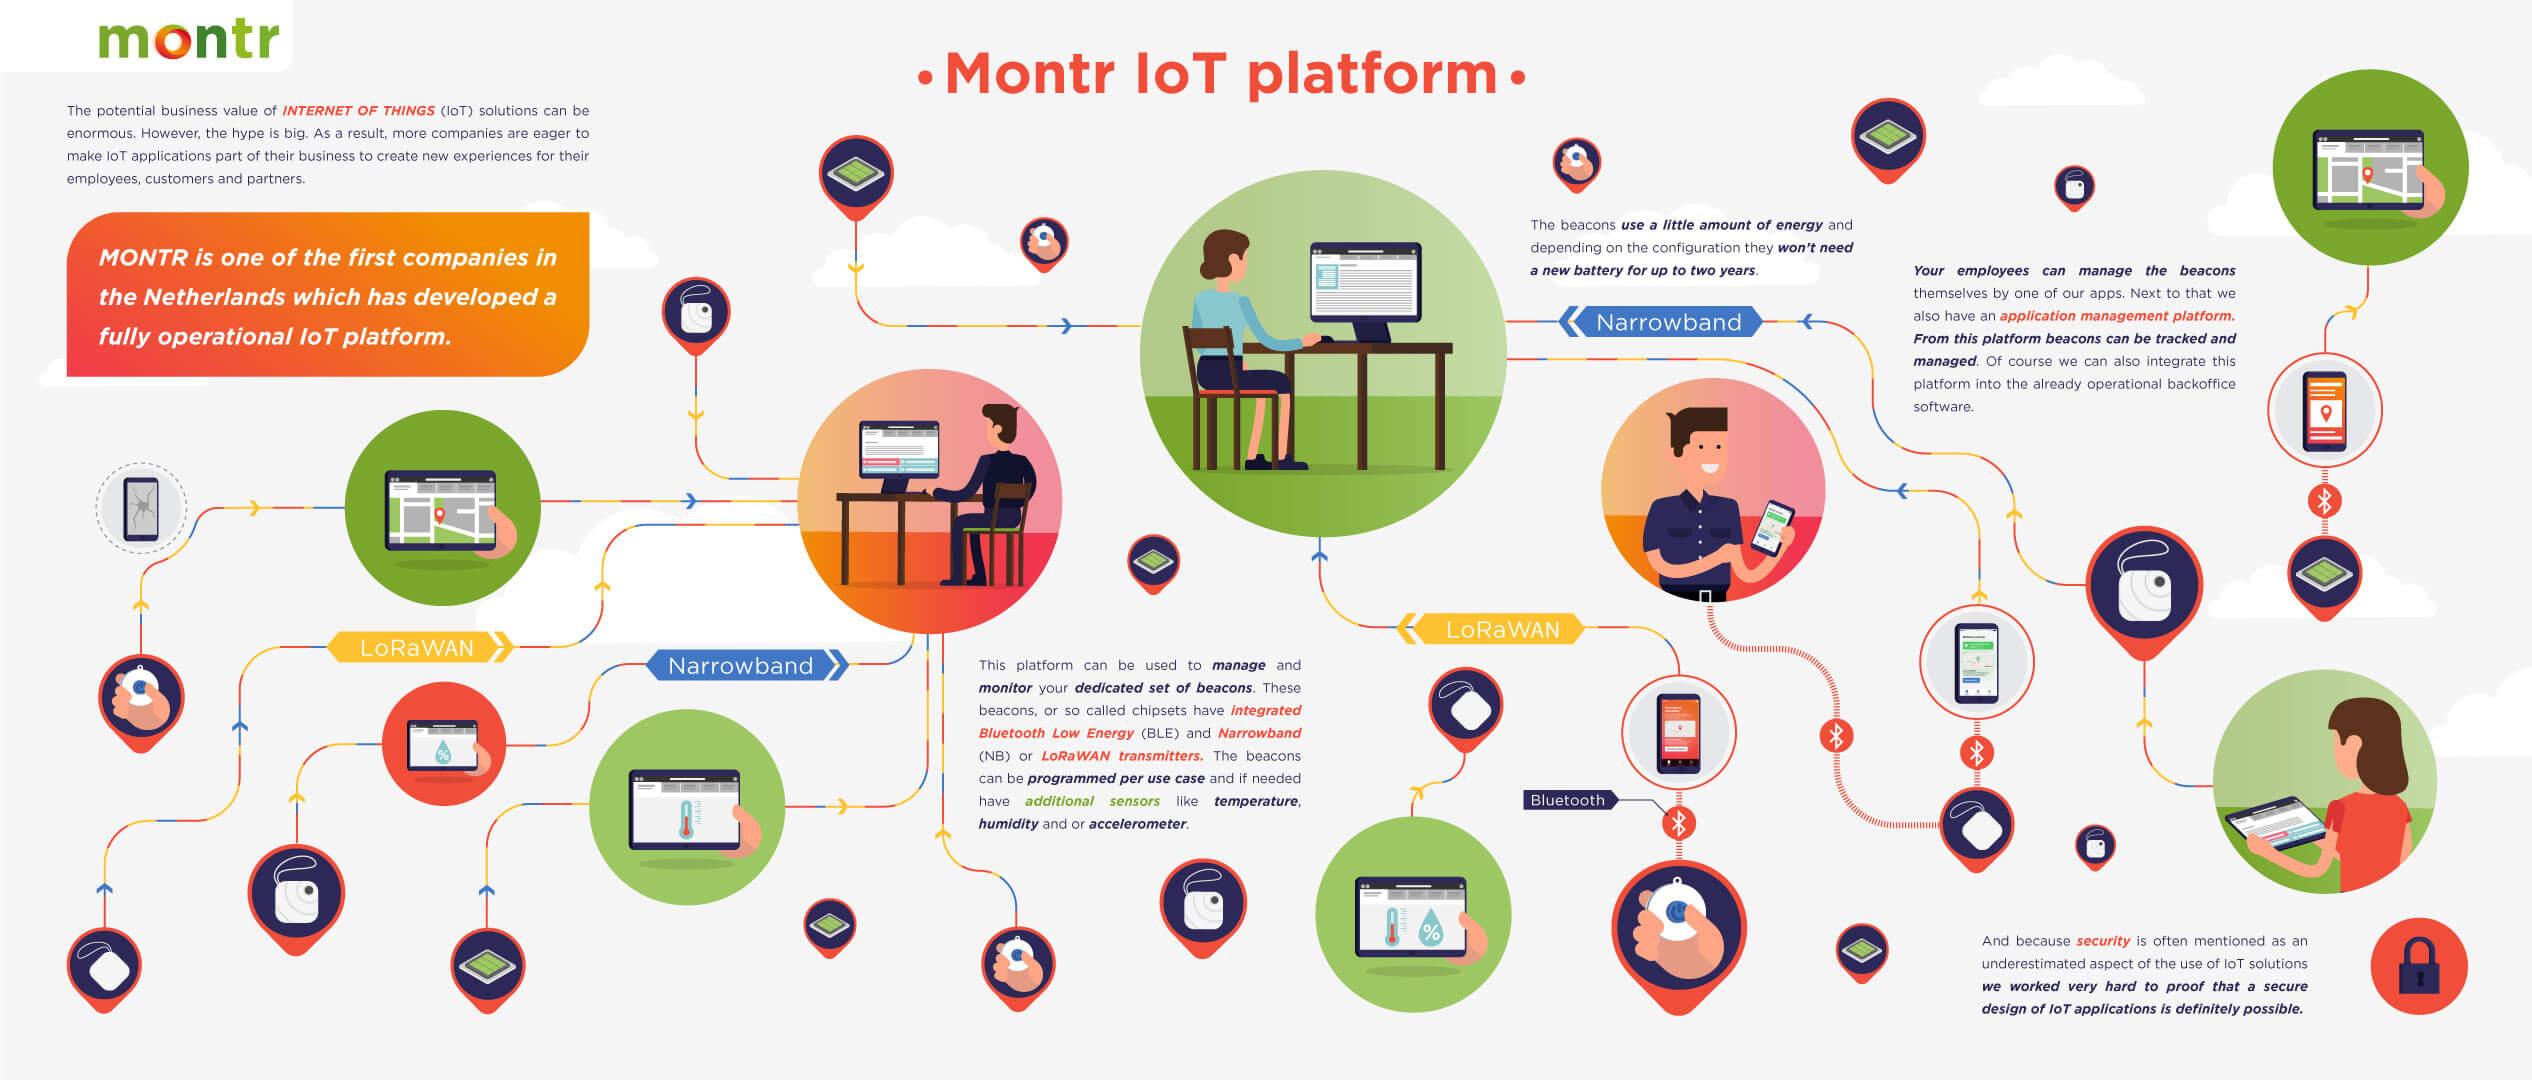 Montr IoT platform